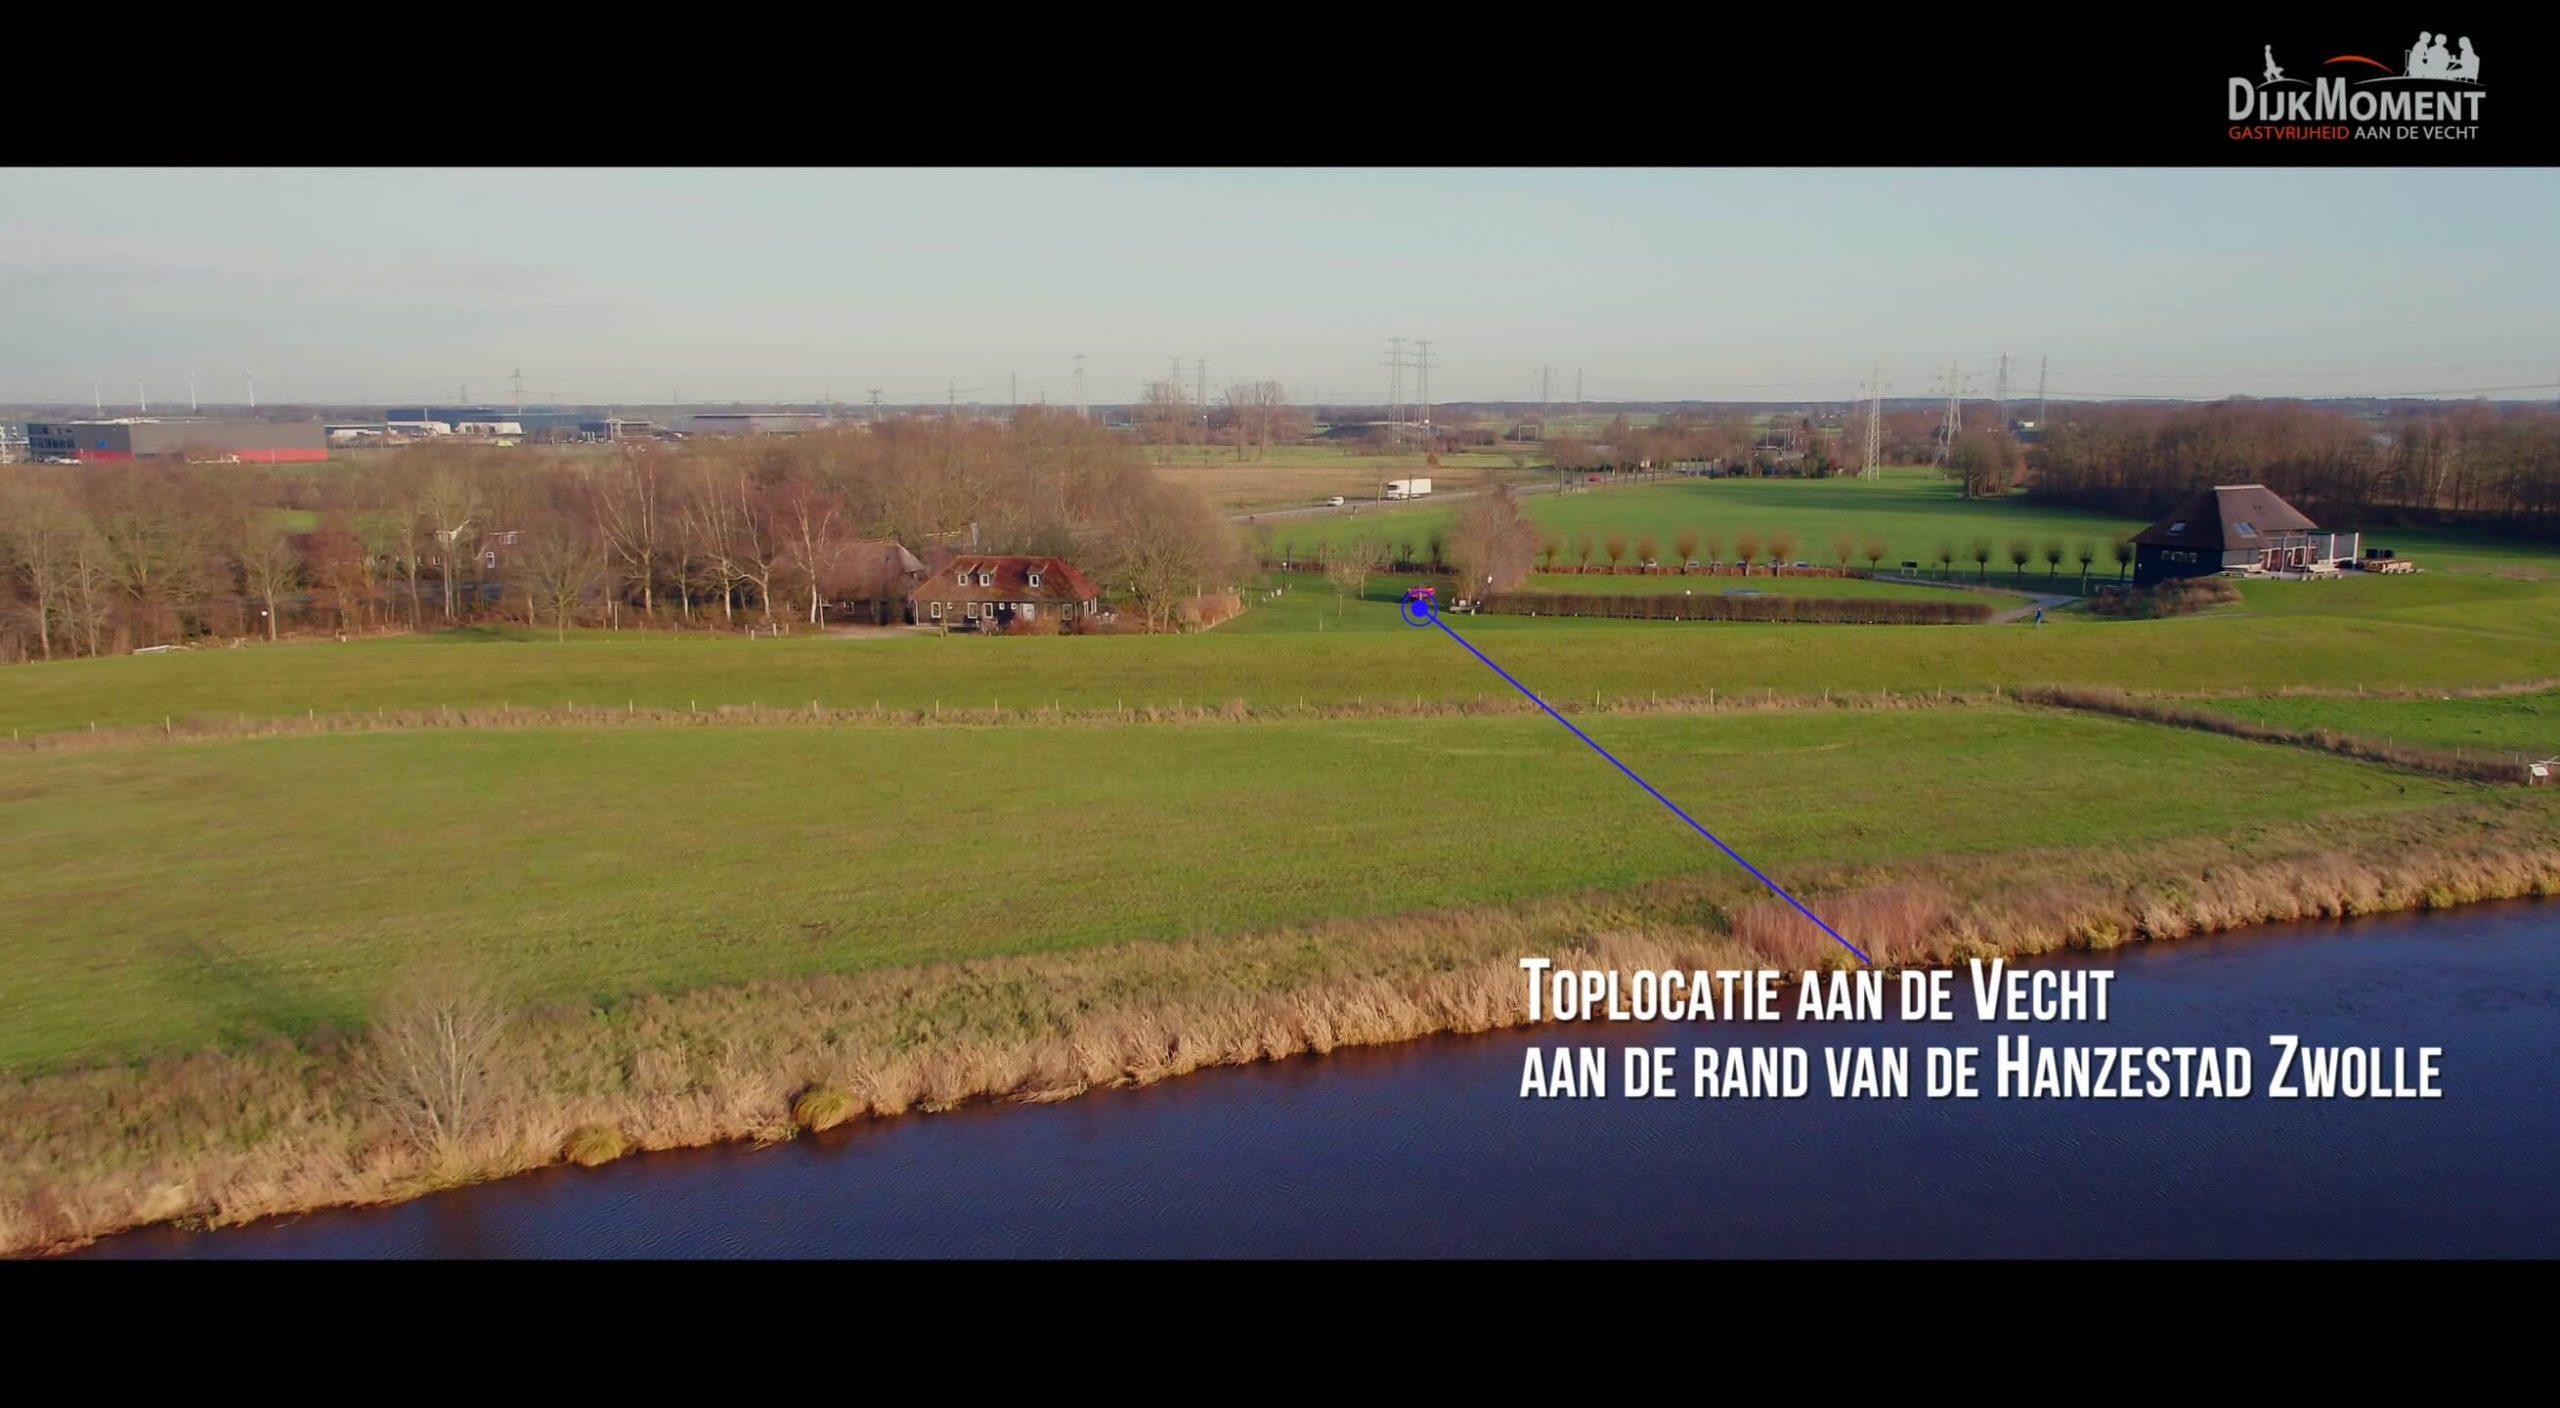 Dijkmoment Vecht & Zo Drone IJsseldrone